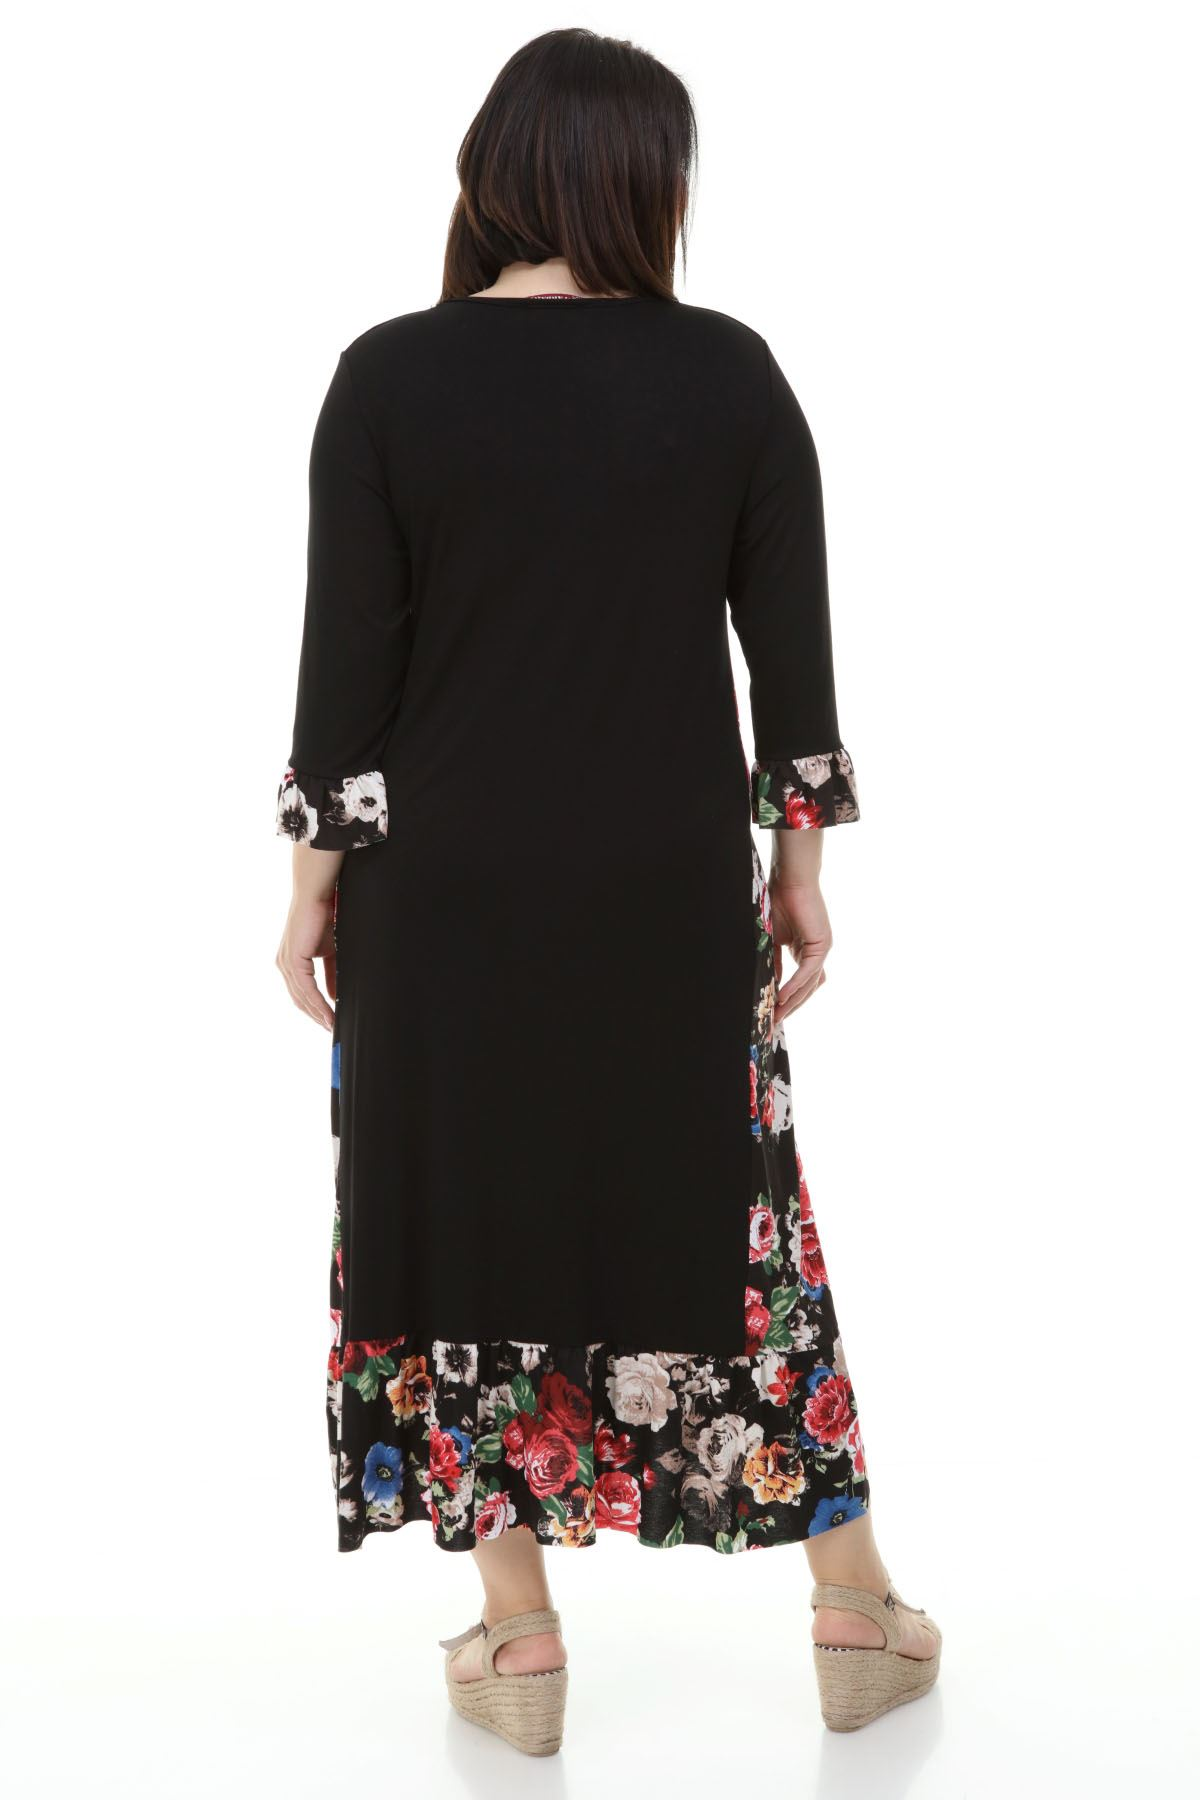 Garnili Uzun Büyük Beden Elbise 20Y-1243